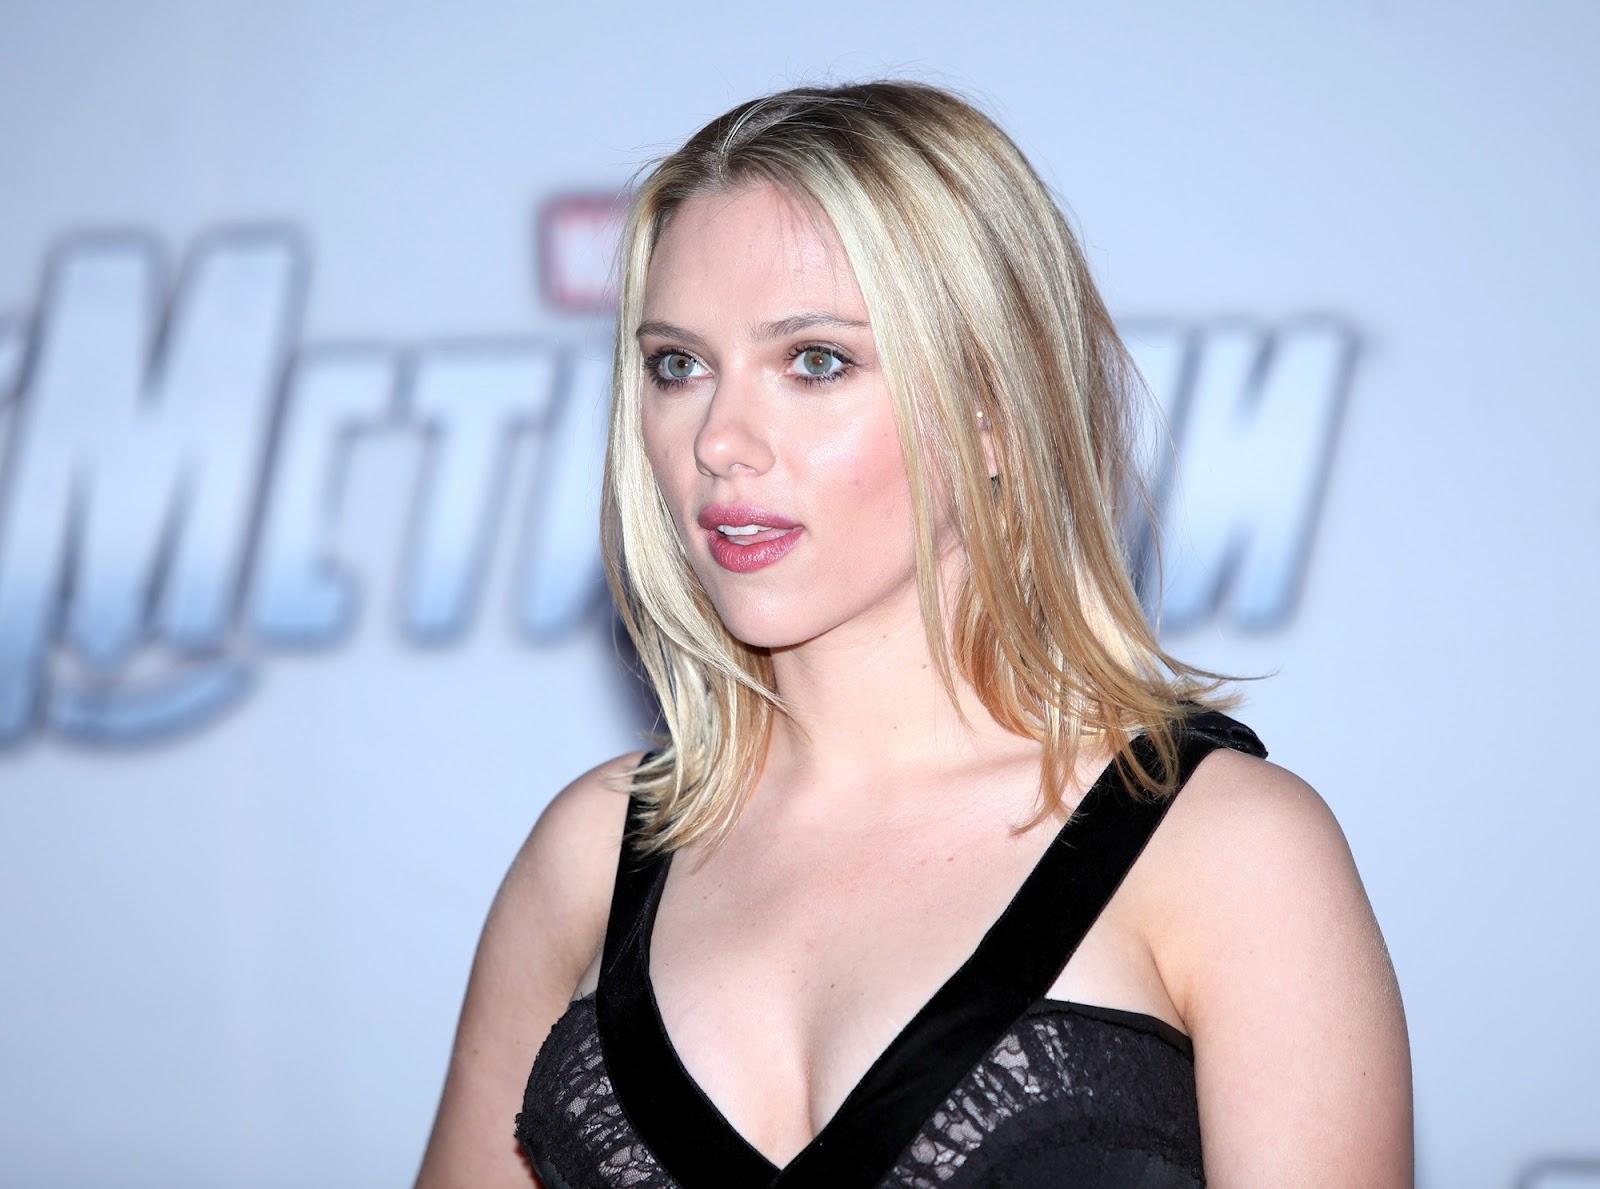 http://1.bp.blogspot.com/-NgivrvebMio/T4_dKE8vJGI/AAAAAAAABAk/LKADeDIl42U/s1600/Scarlett_Johansson_The_Avengers_premiere_Moscow_2012_04.jpg